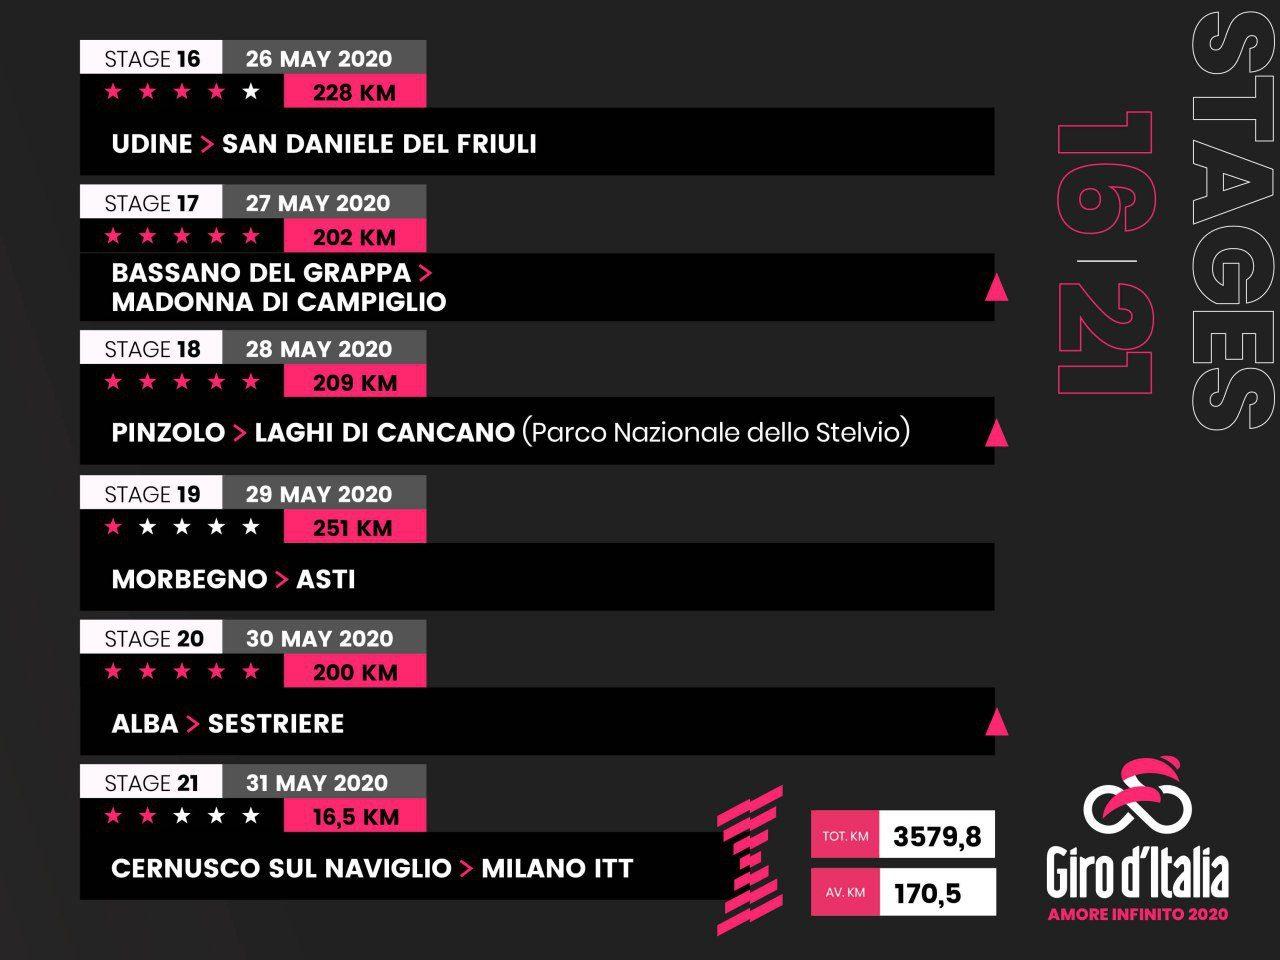 Петер Саган впервые примет участие в «Джиро д'Италия»